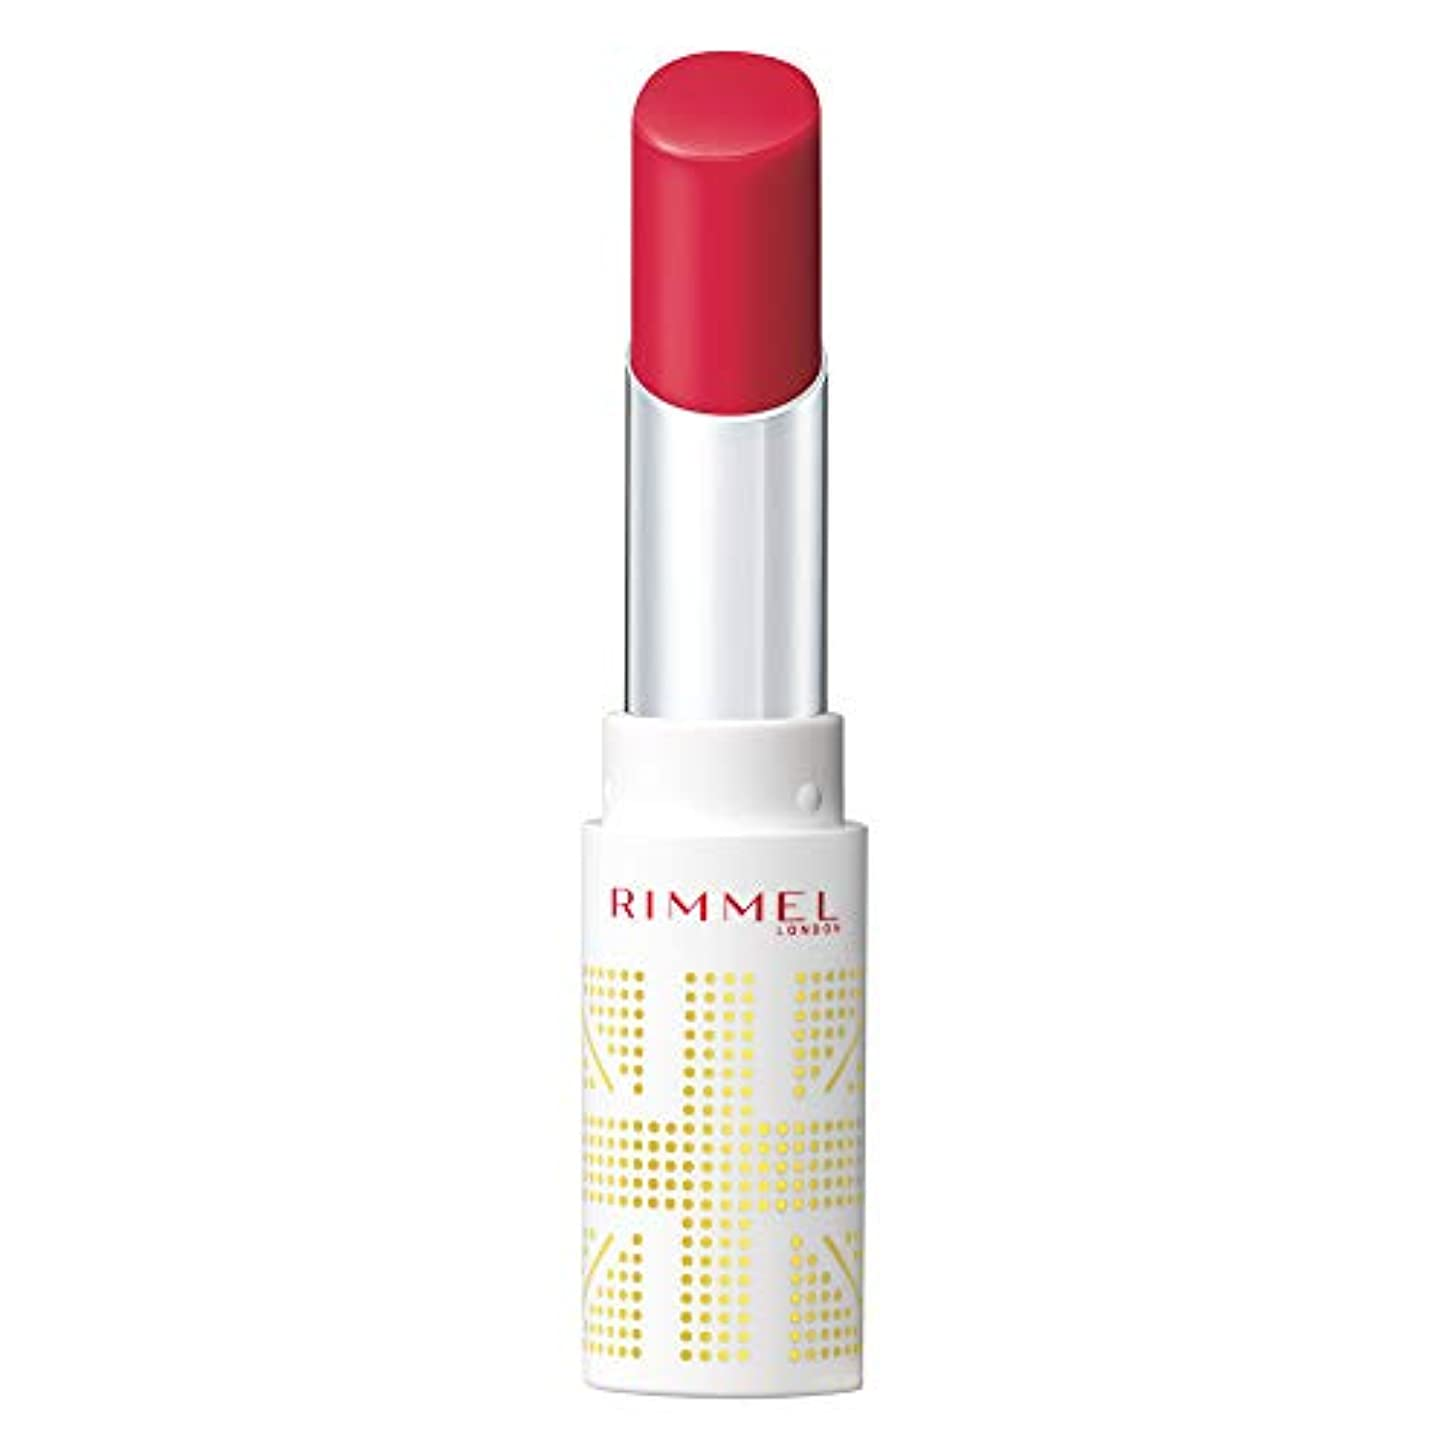 値下げ議会外出Rimmel (リンメル) リンメル ラスティングフィニッシュ オイルティントリップ 001 ベリーピンク 3.8g 口紅